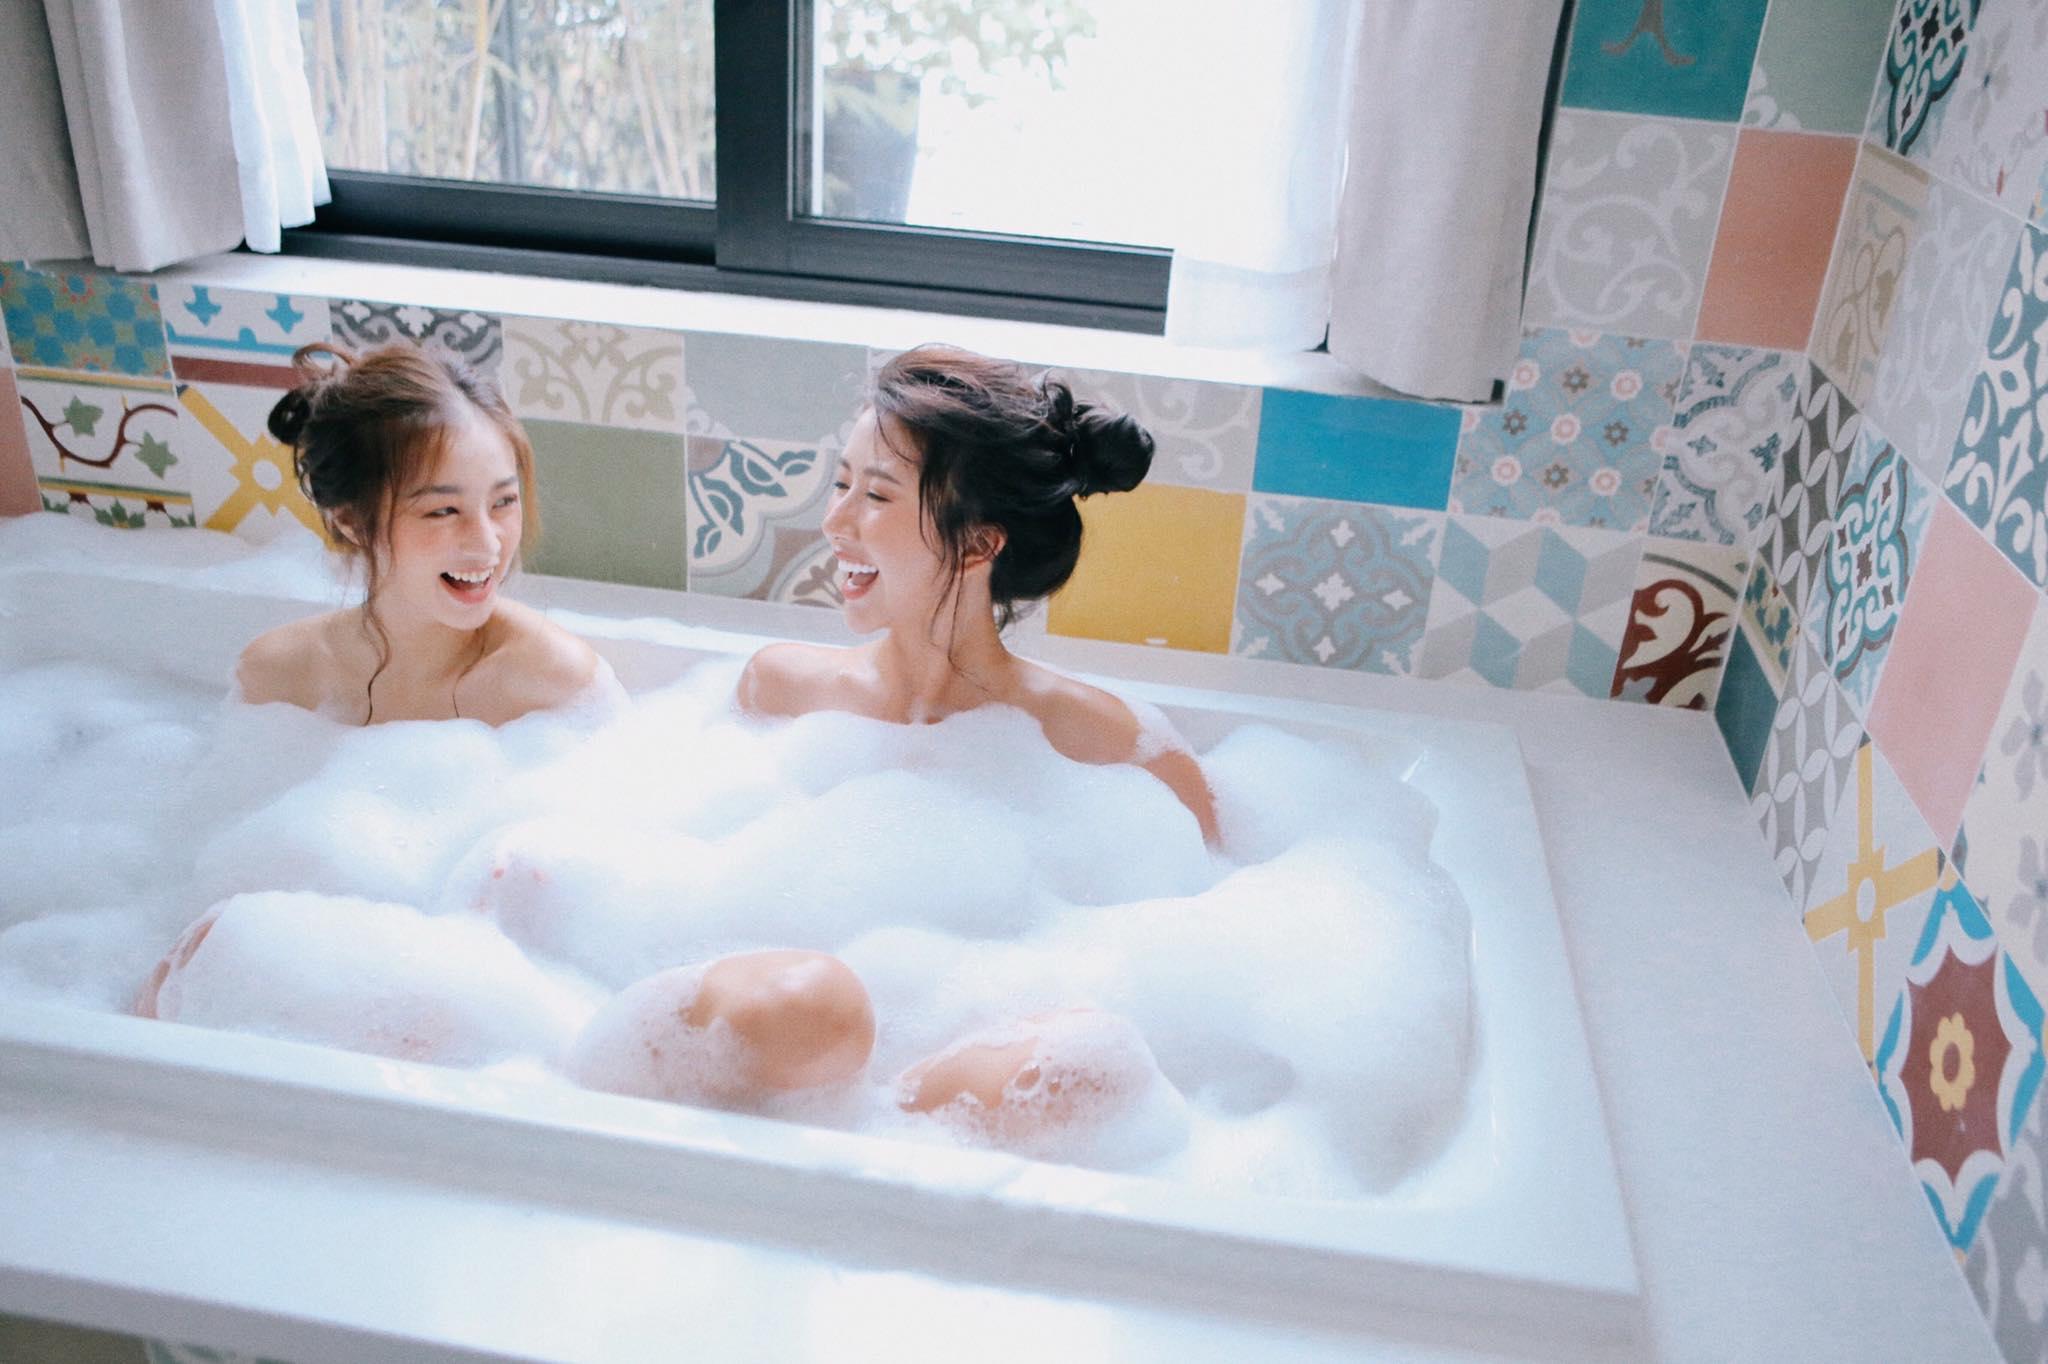 Quỳnh Anh Shyn cũng có bộ ảnh khi lại những khoảnh khắc tuyệt vời cùng bạn thân Sa lim.